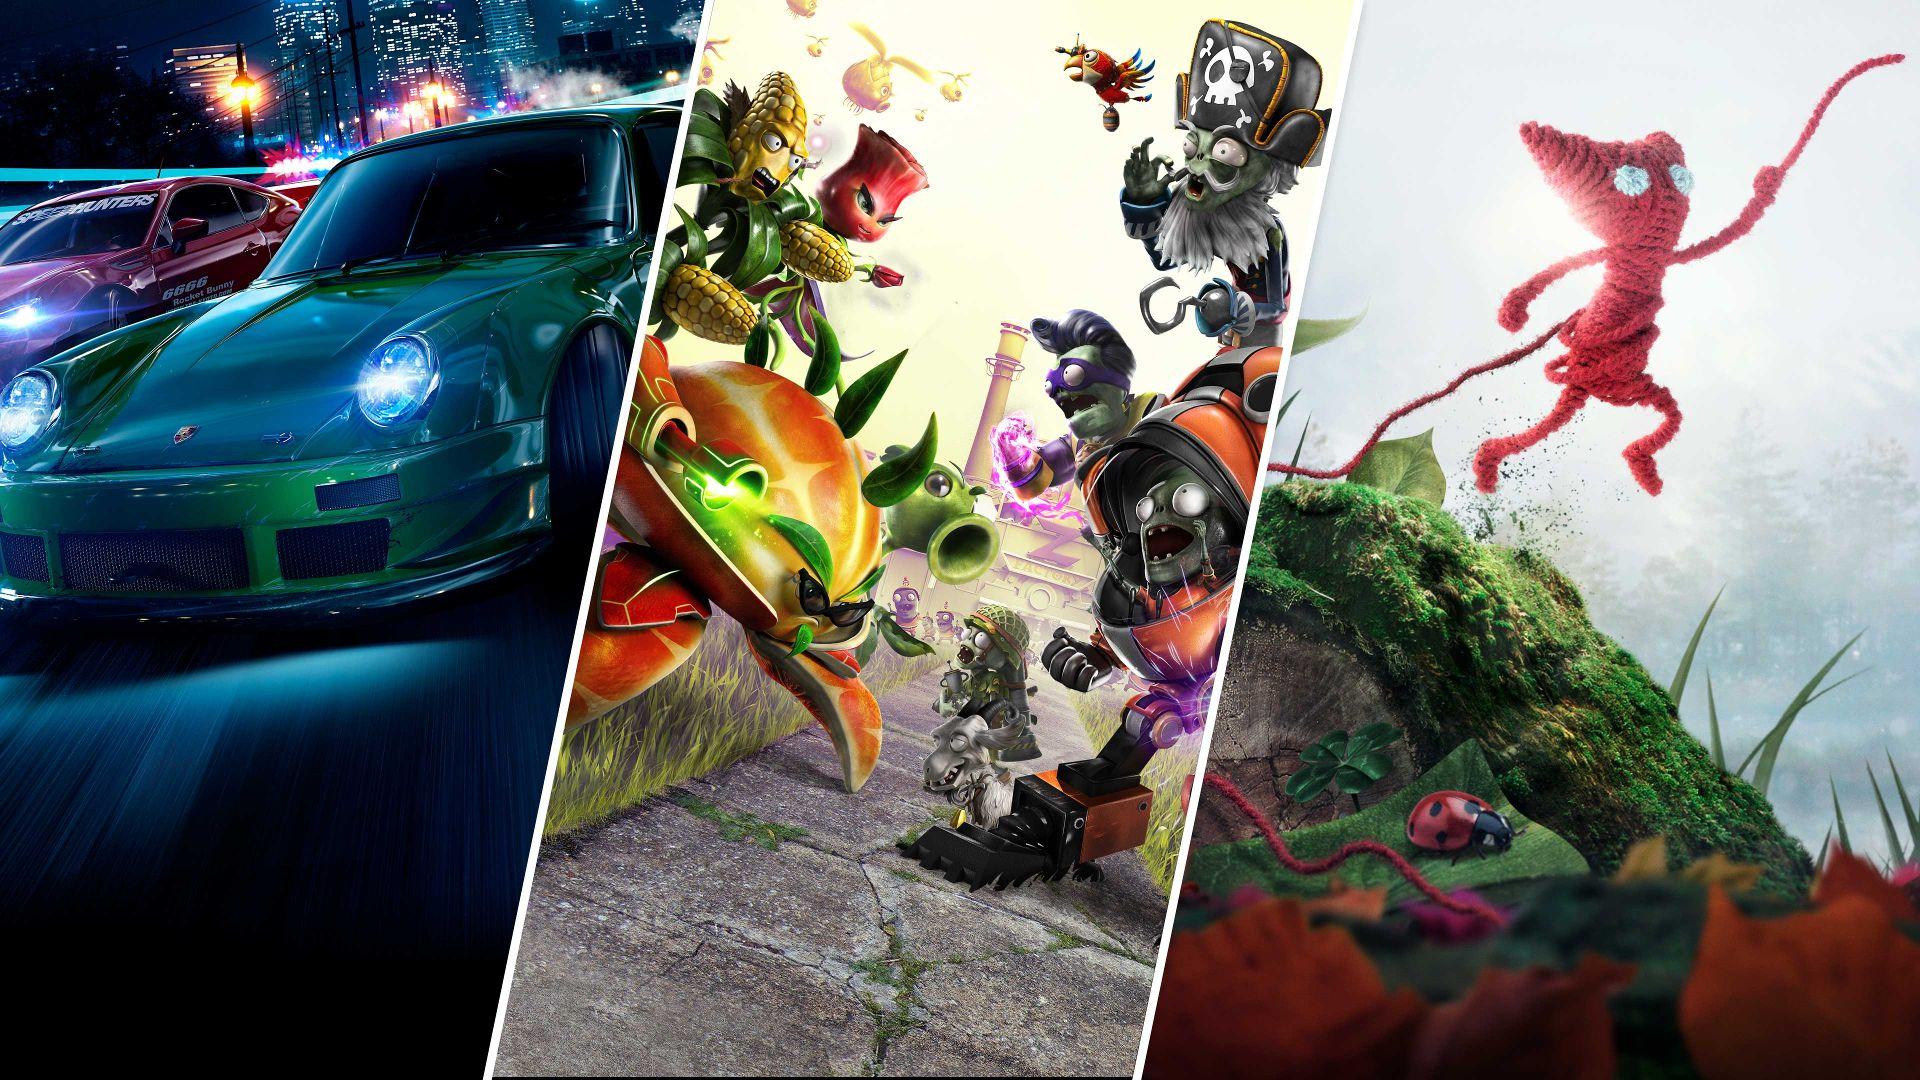 Spring Sale bei [Origin] - z.B. EA Family Bundle für 9,99€ & Battlefield 1: Revolution für 19,99€ & Fifa 18 für 23,99€